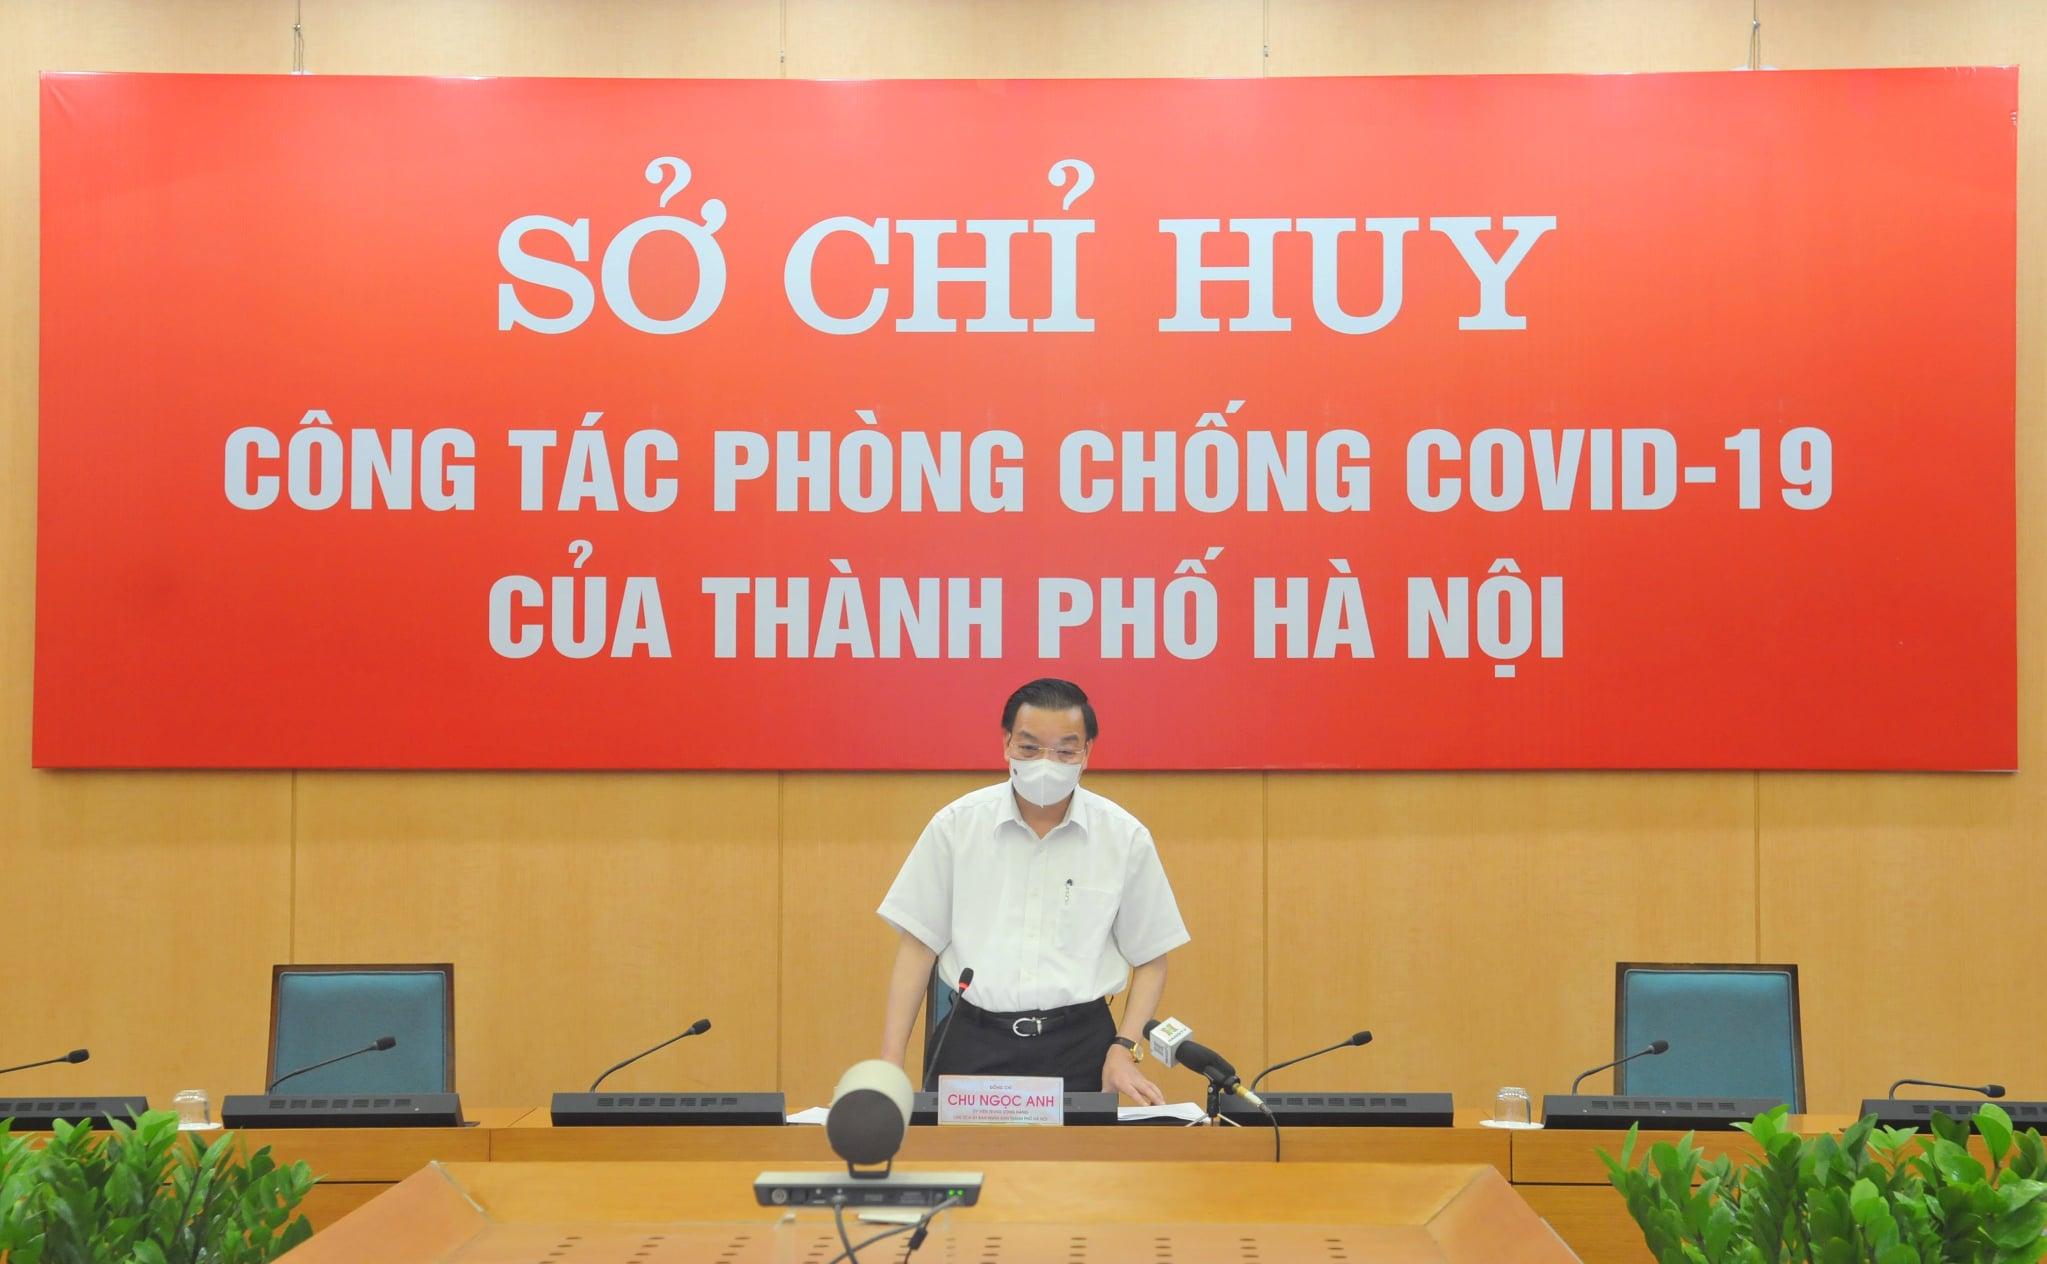 Chủ tịch TP.Hà Nội thông tin về tình hình chống dịch COVID-19 của thành phố - 1